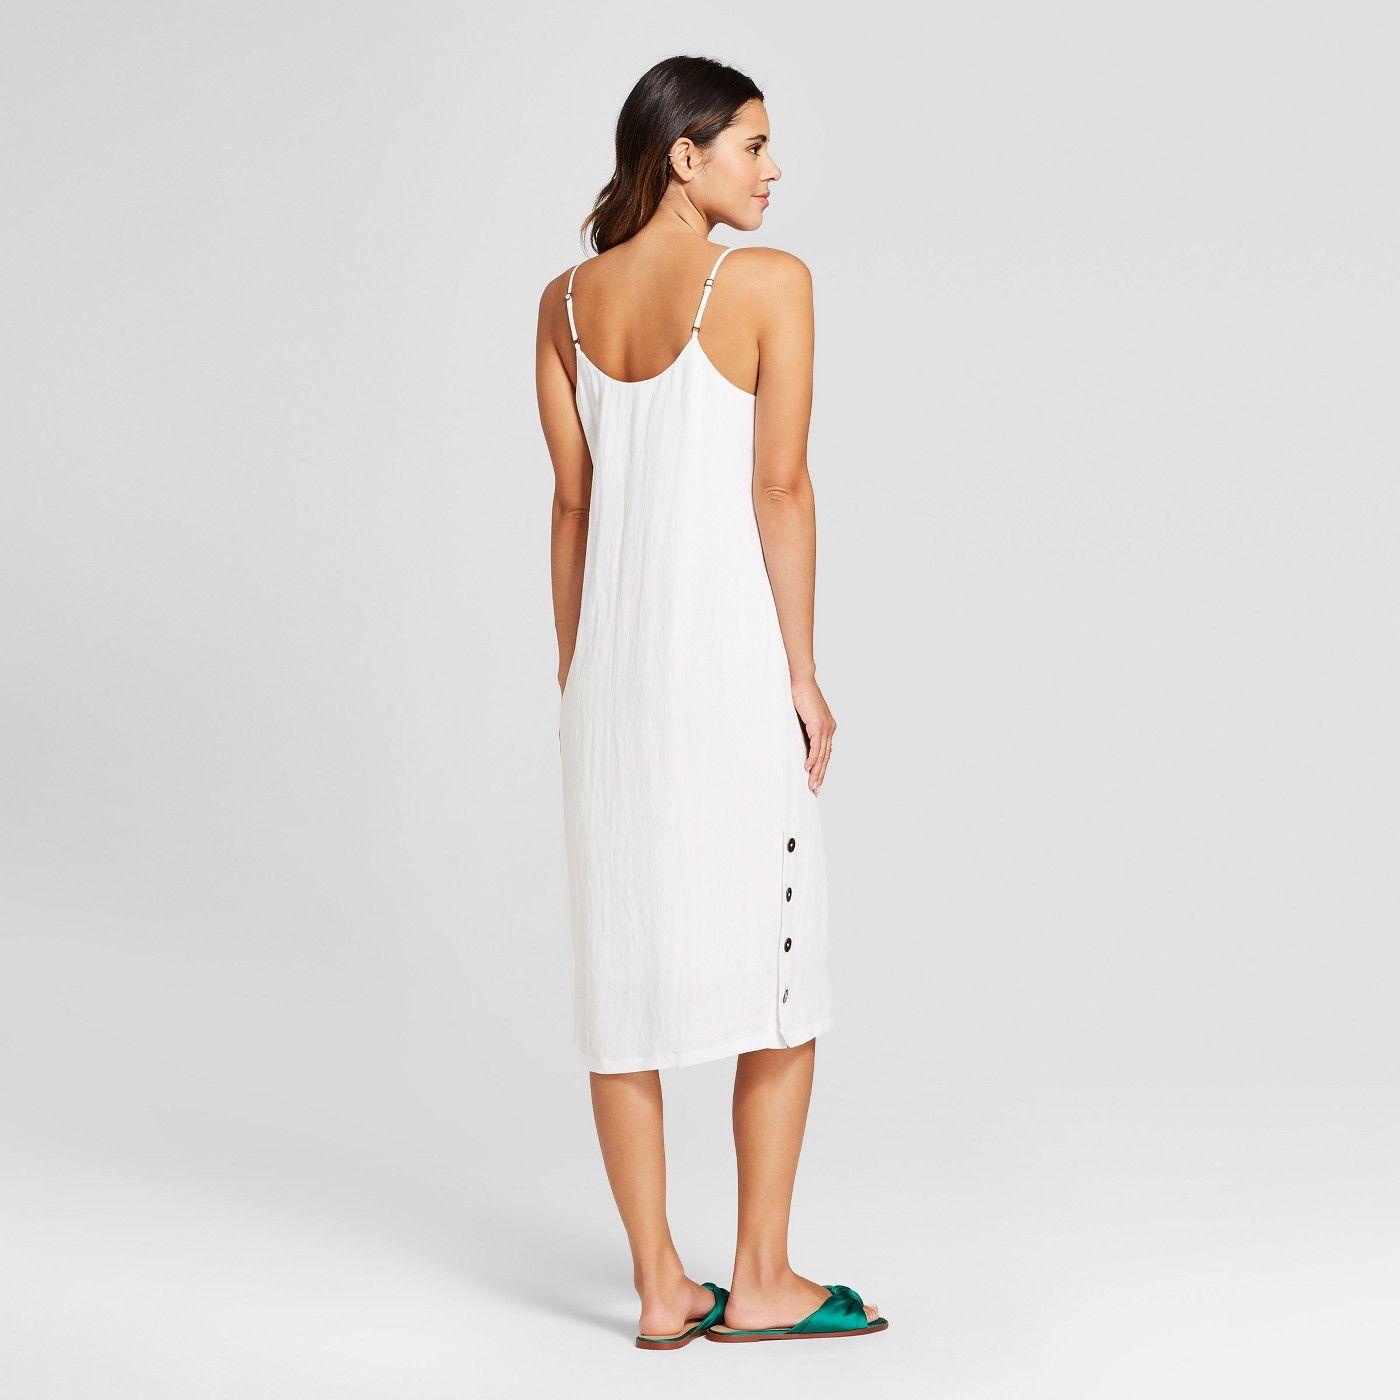 novísimo selección mas fiable venta caliente Vestido de tirantes midi con abertura lateral para mujer - Mossimo ™ White